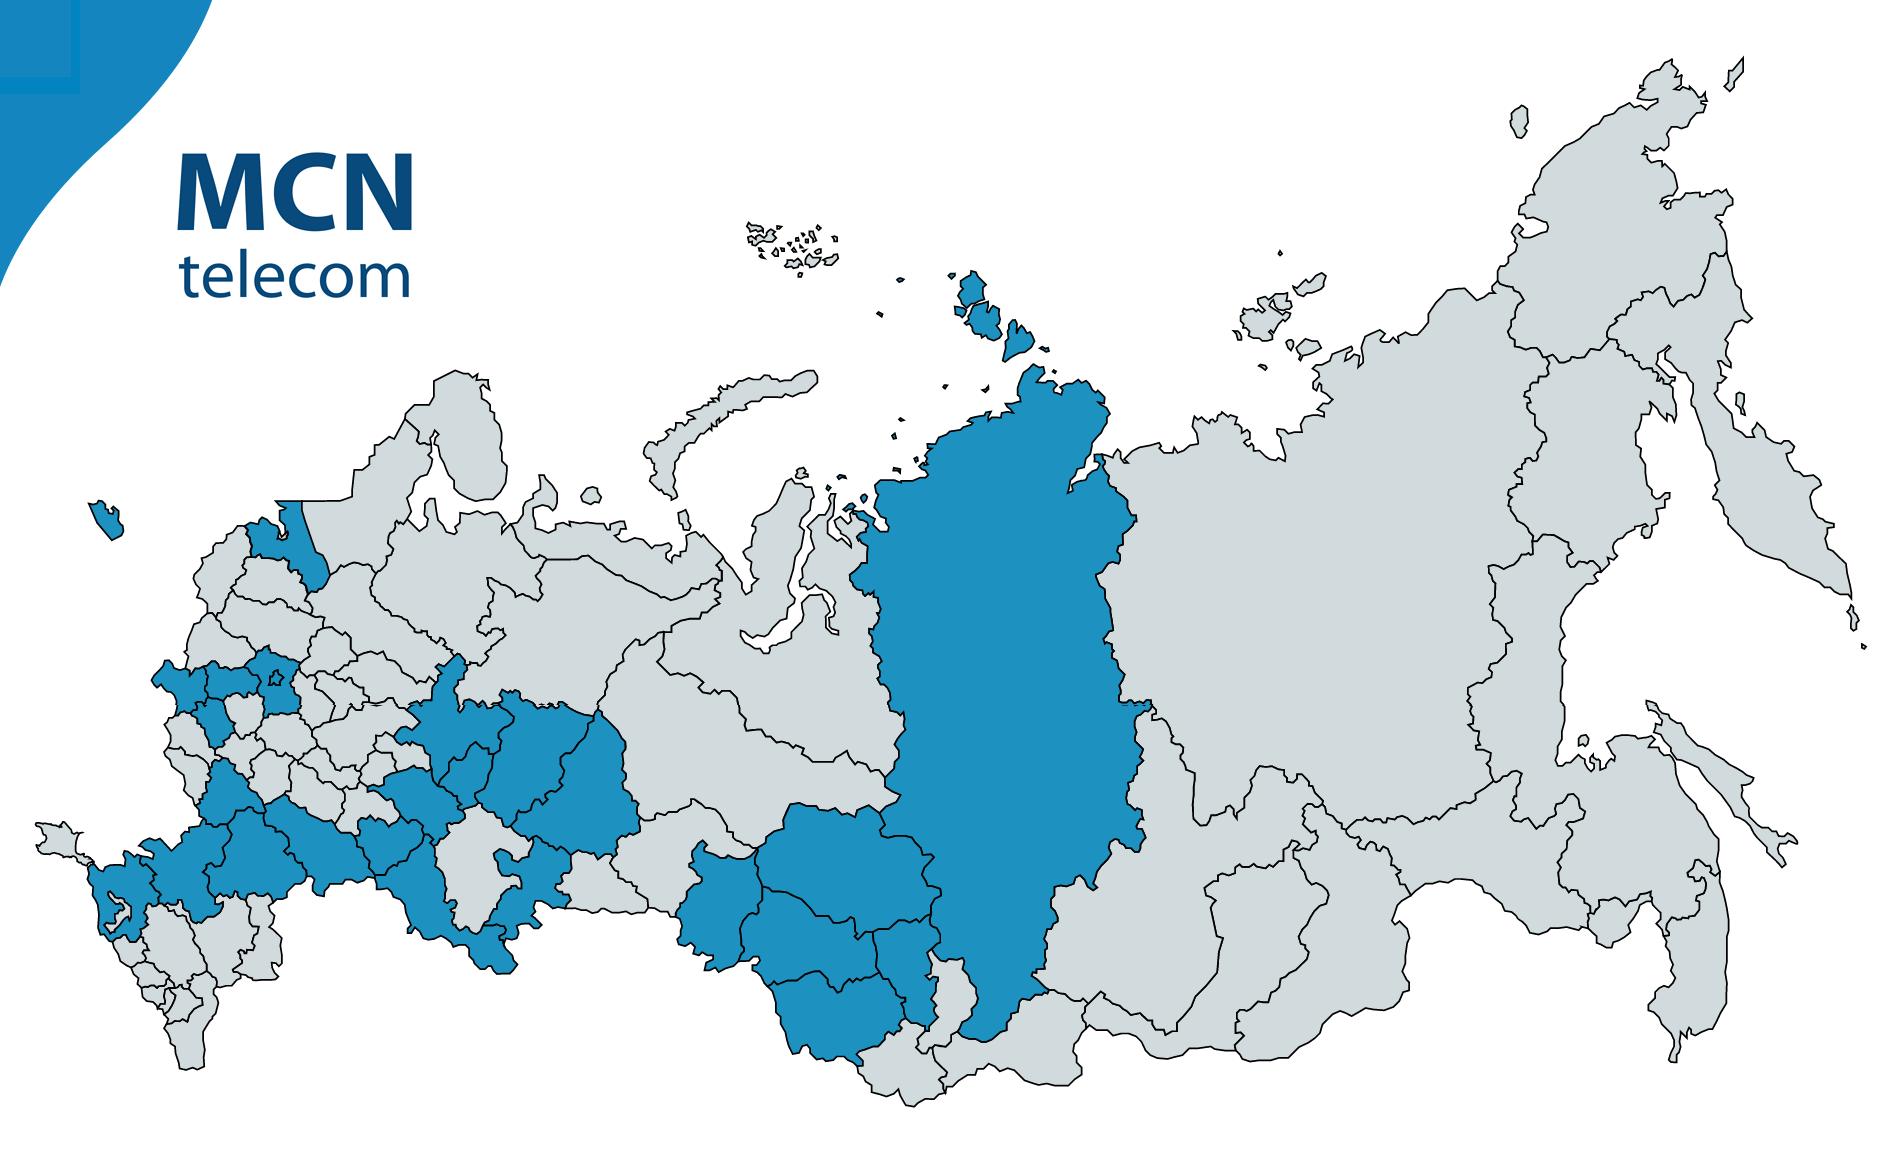 Карта покрытия MCN Telecom насчитывает 25 регионов 2